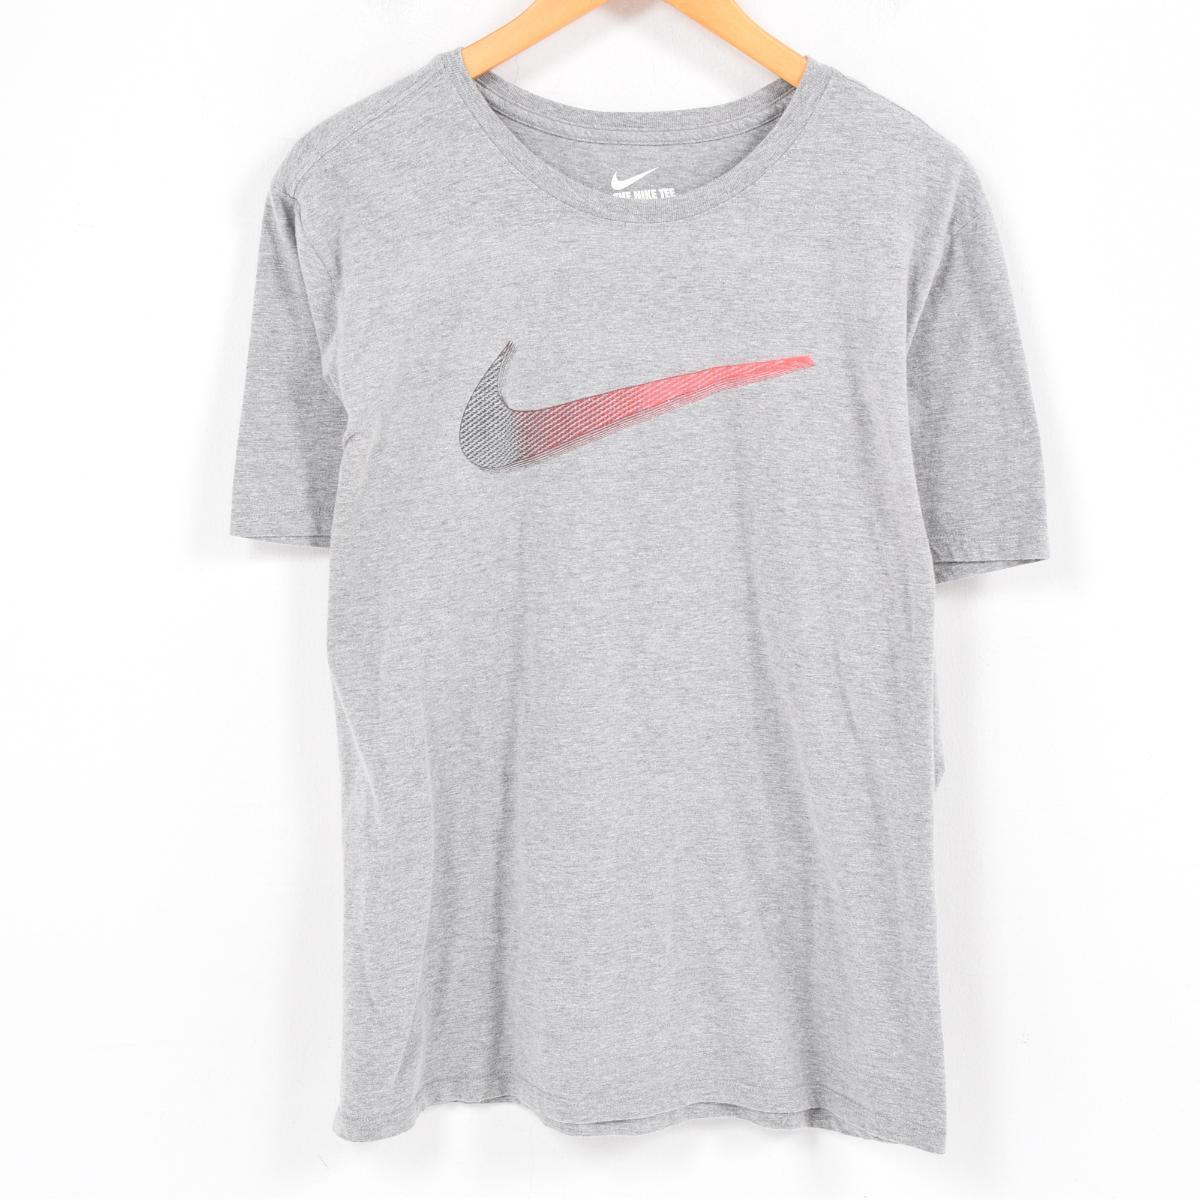 9c522c7bdbe5 VINTAGE CLOTHING JAM  Nike NIKE logo print T-shirt men M  wao1858 ...